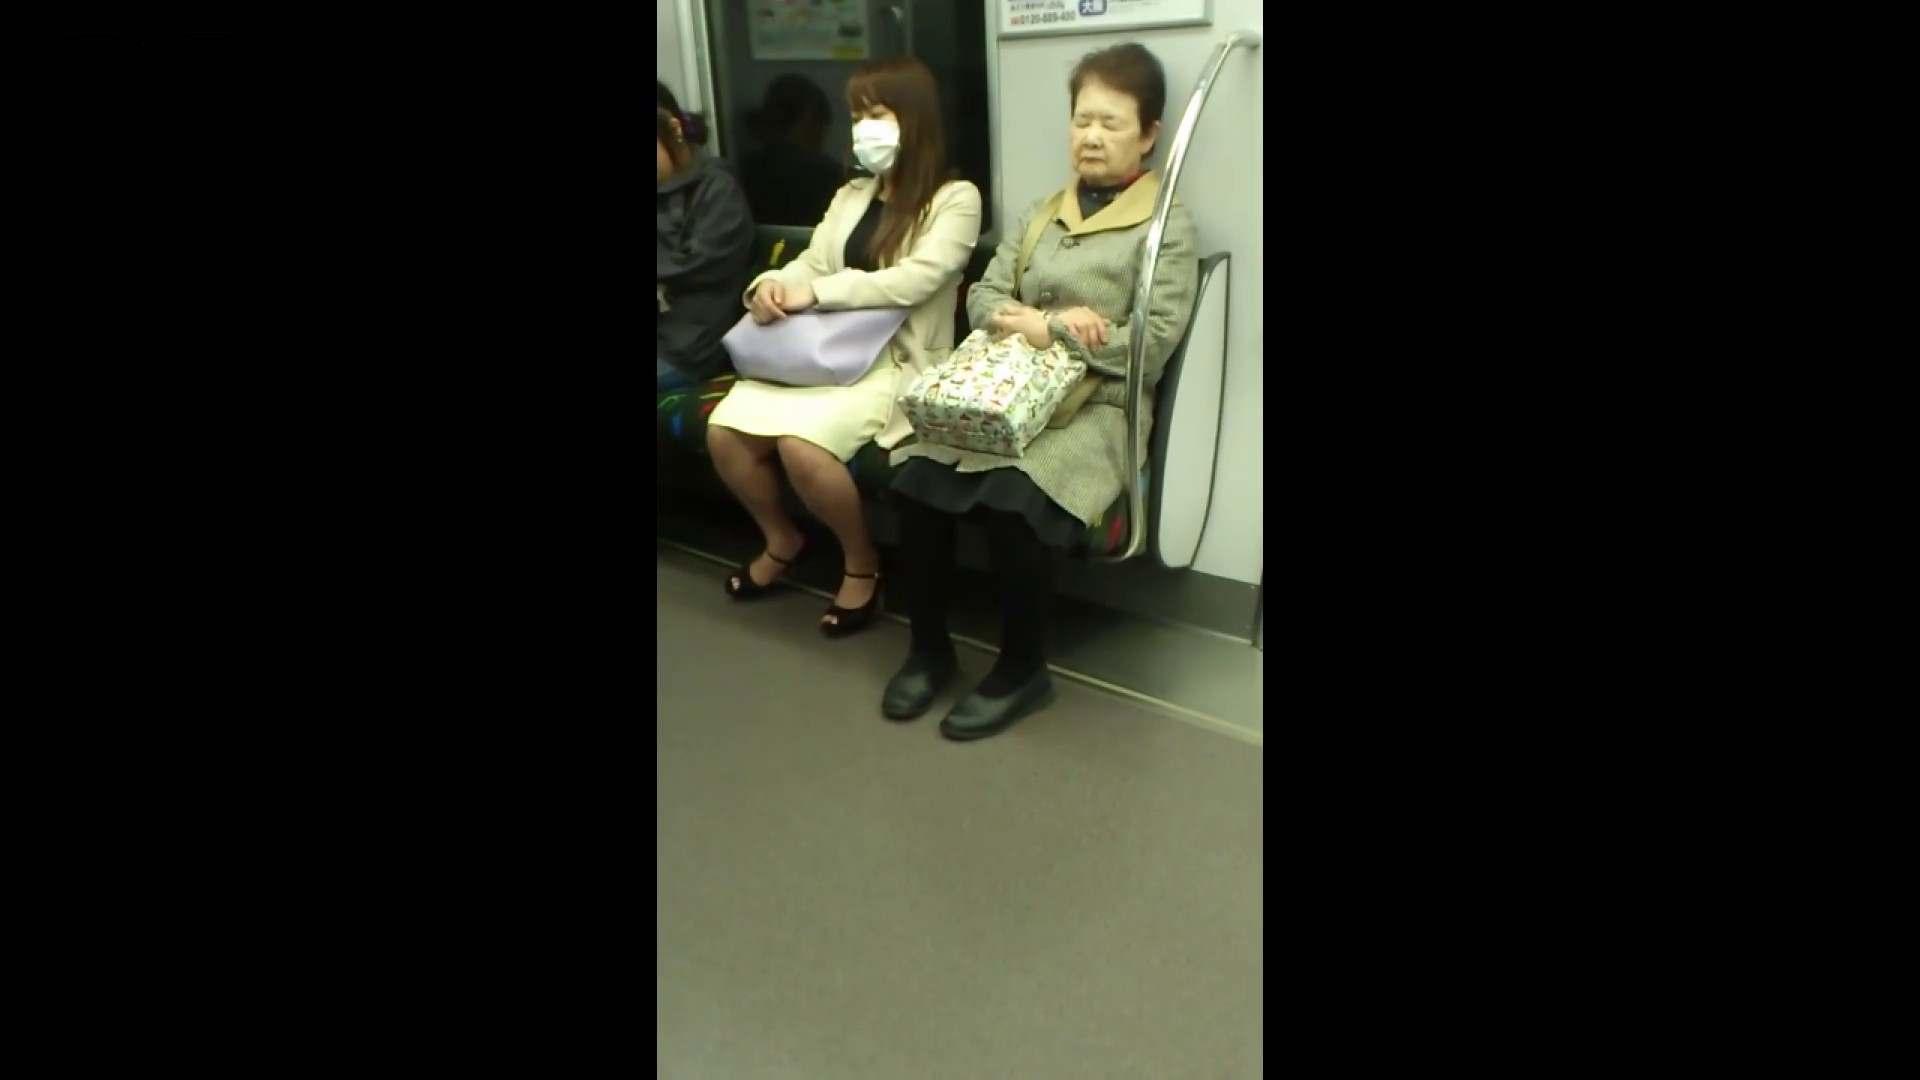 盗撮列車 Vol.55 黄色の爽やかなスカートが大好きです。 盗撮エロすぎ | OL  38連発 32